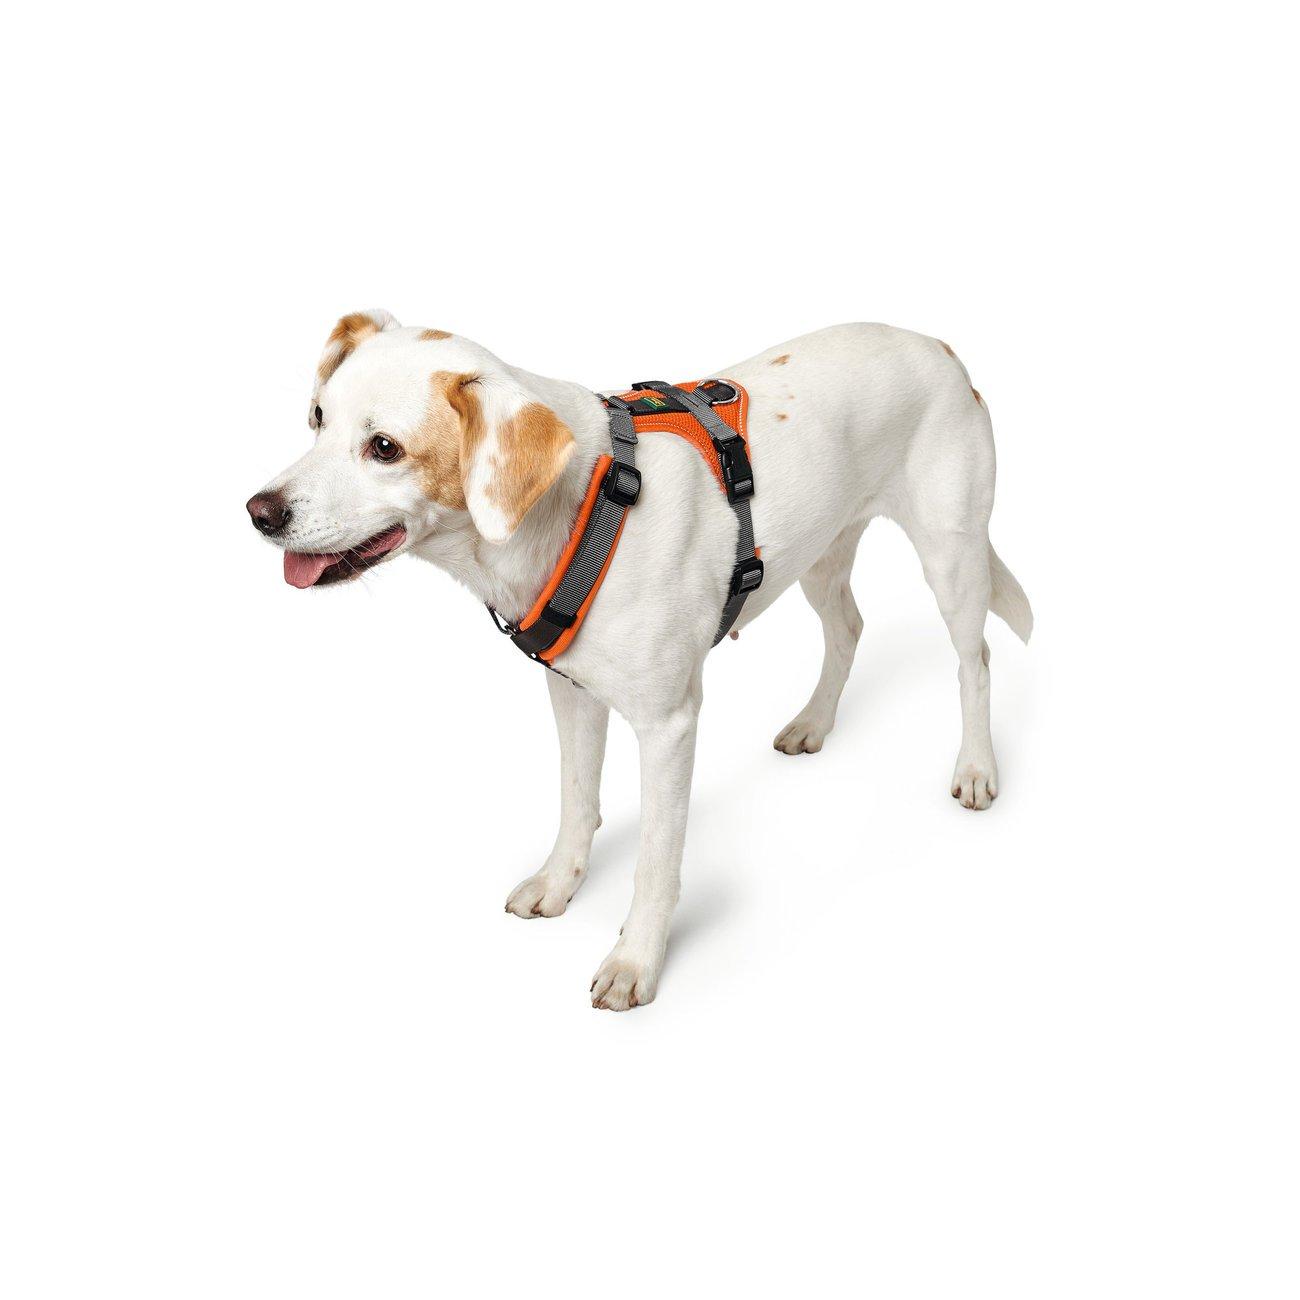 Hunter Hundegeschirr Maldon gepolstert 67509, Bild 4